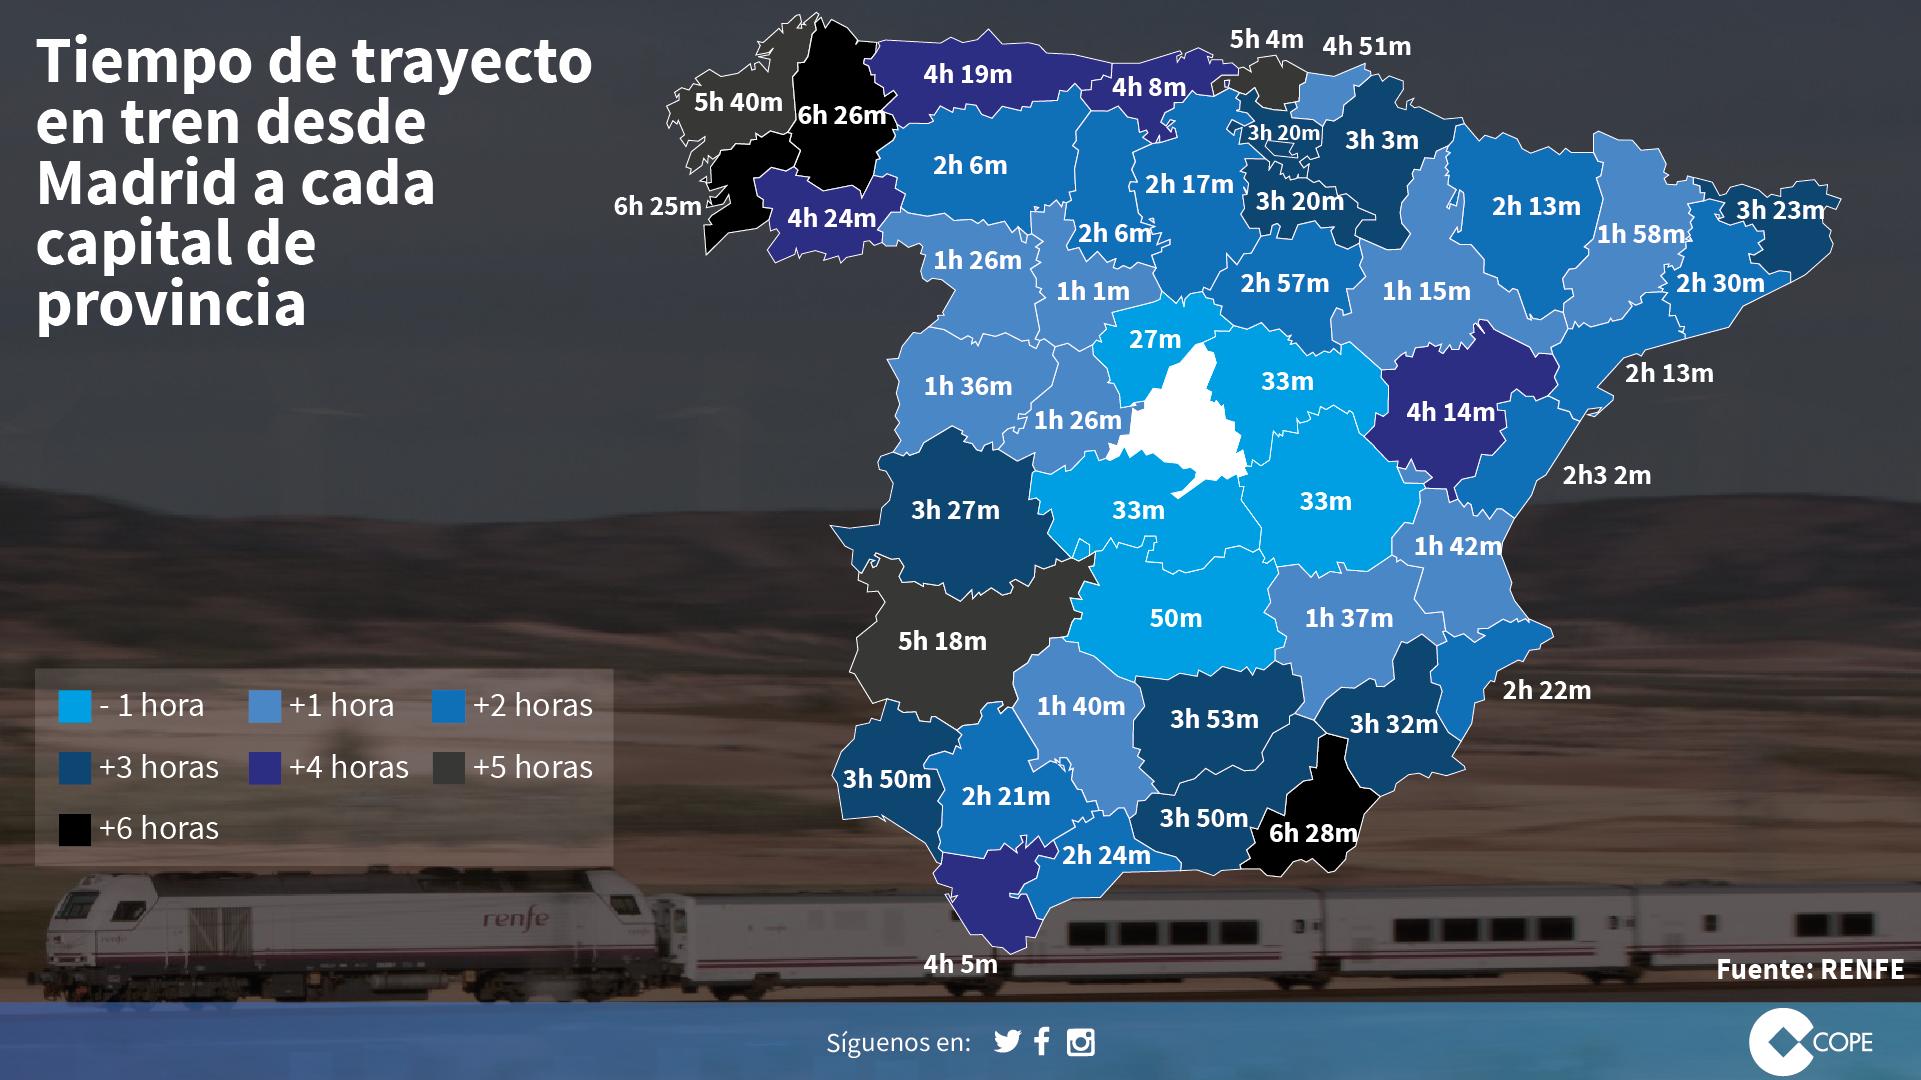 Diseño de tarjetas. Mapa que muestra las distancias en tren desde Madrid a cada capital de provincia